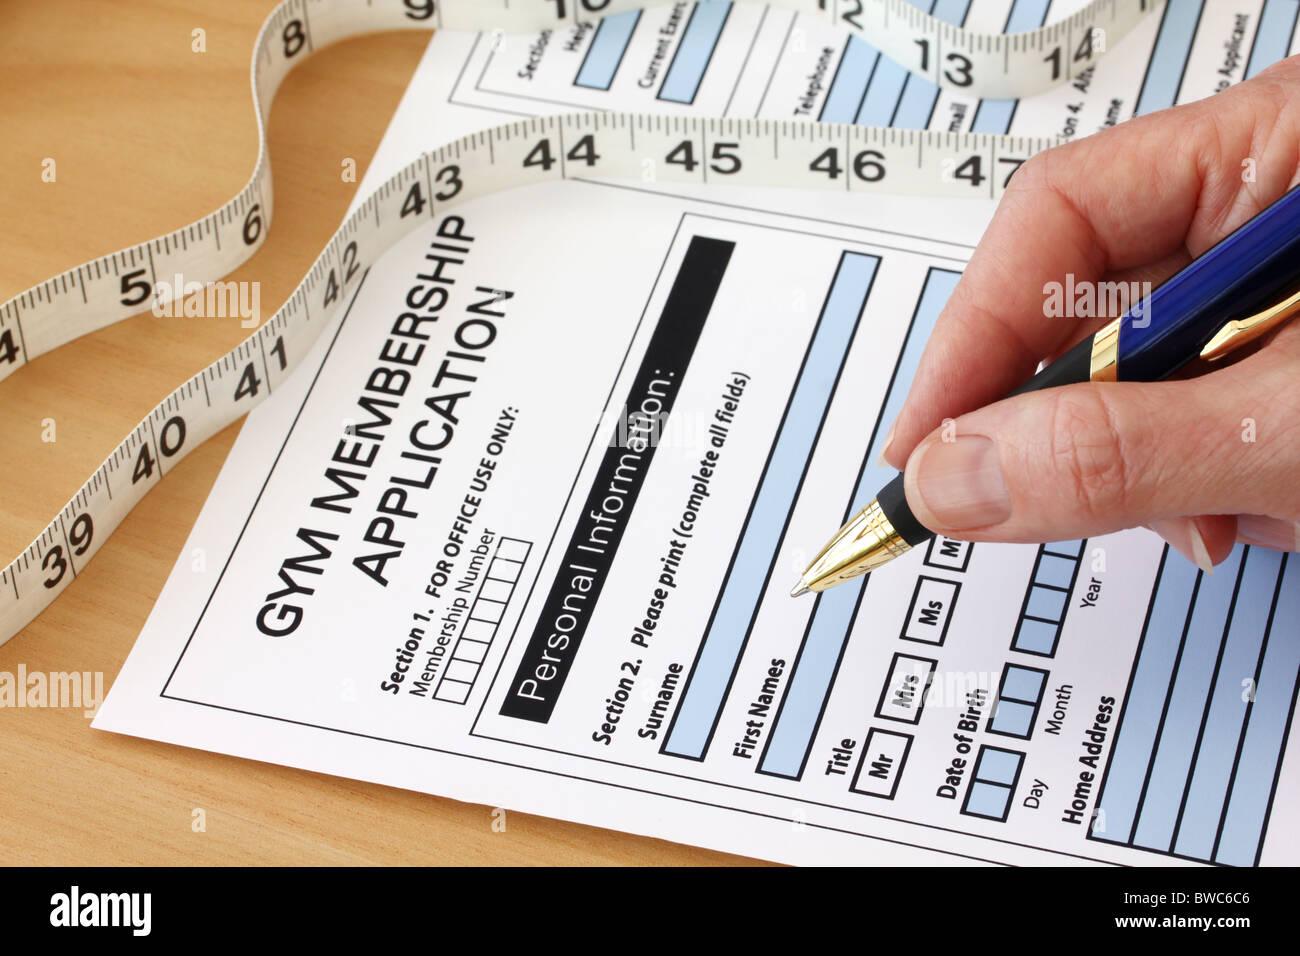 Mano con pluma gimnasio completando un formulario de solicitud de membresía Imagen De Stock